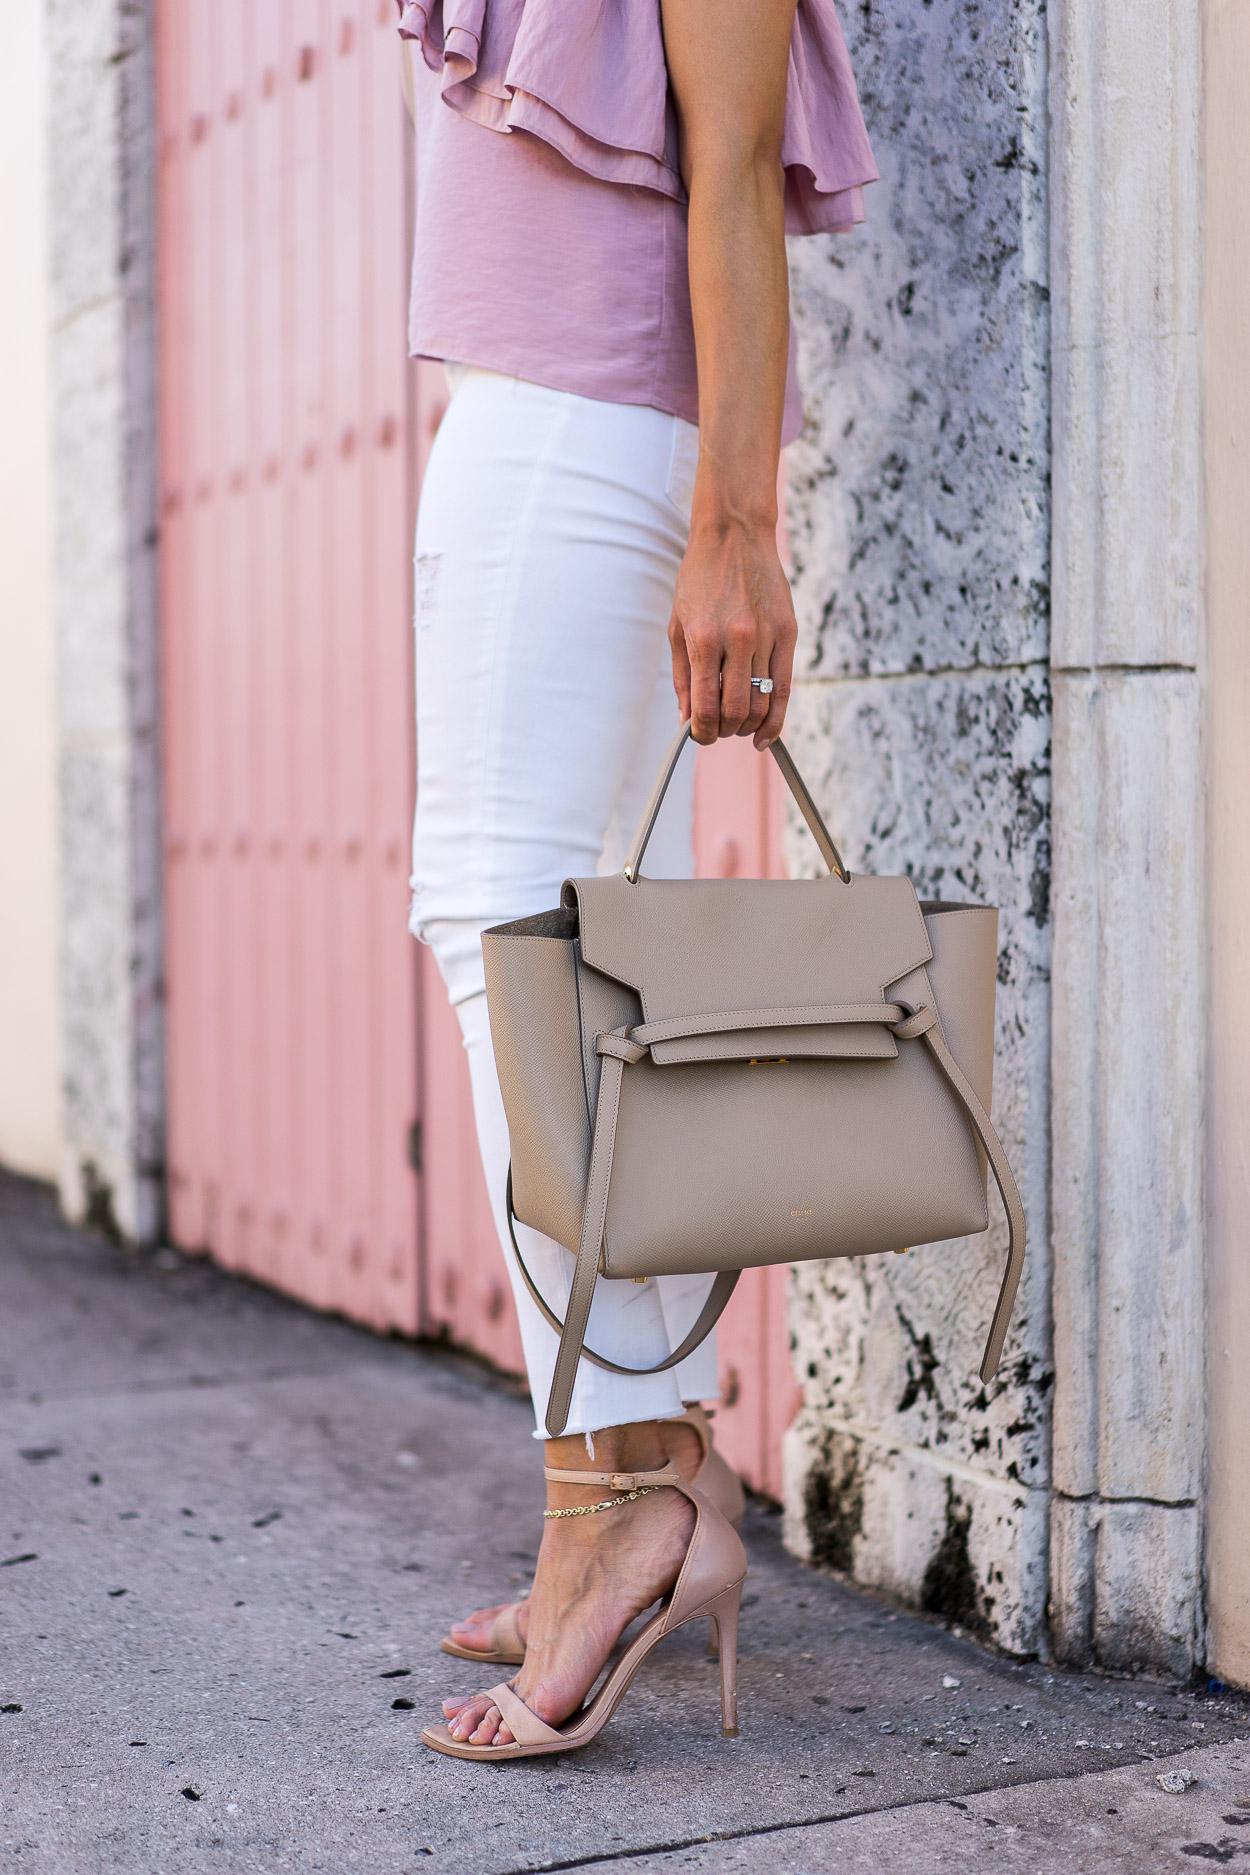 Buy Celine Belt Bag Medium Size Up To 61 Off